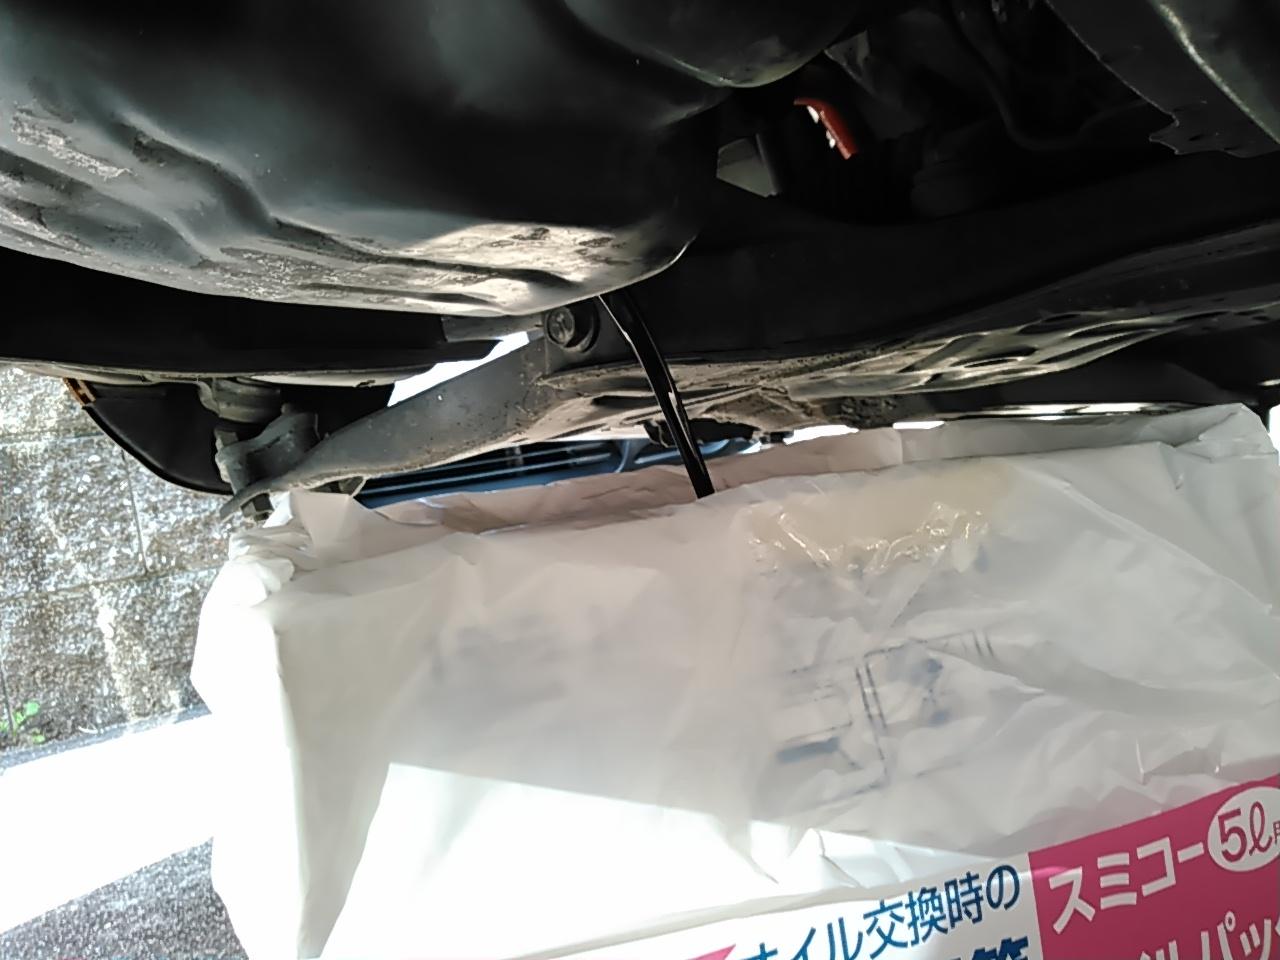 ブレーキパットとエンジンオイル交換